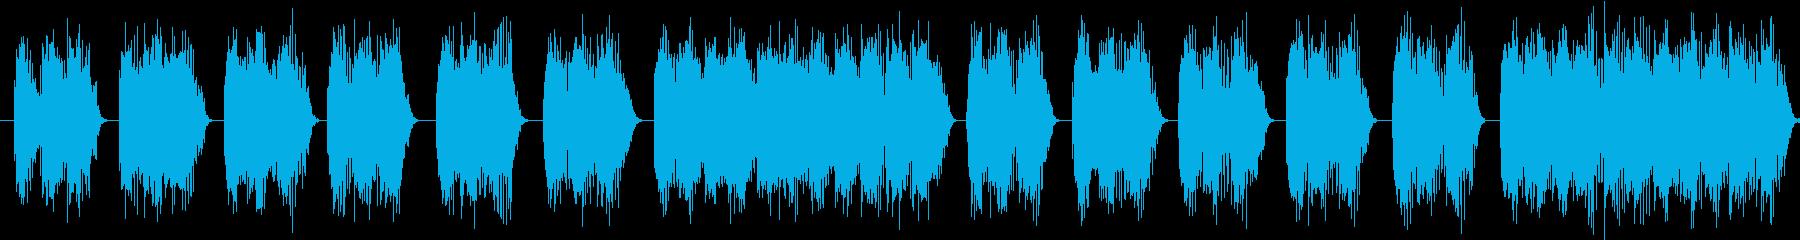 【エレキギター】デス系ヘヴィーリフの再生済みの波形